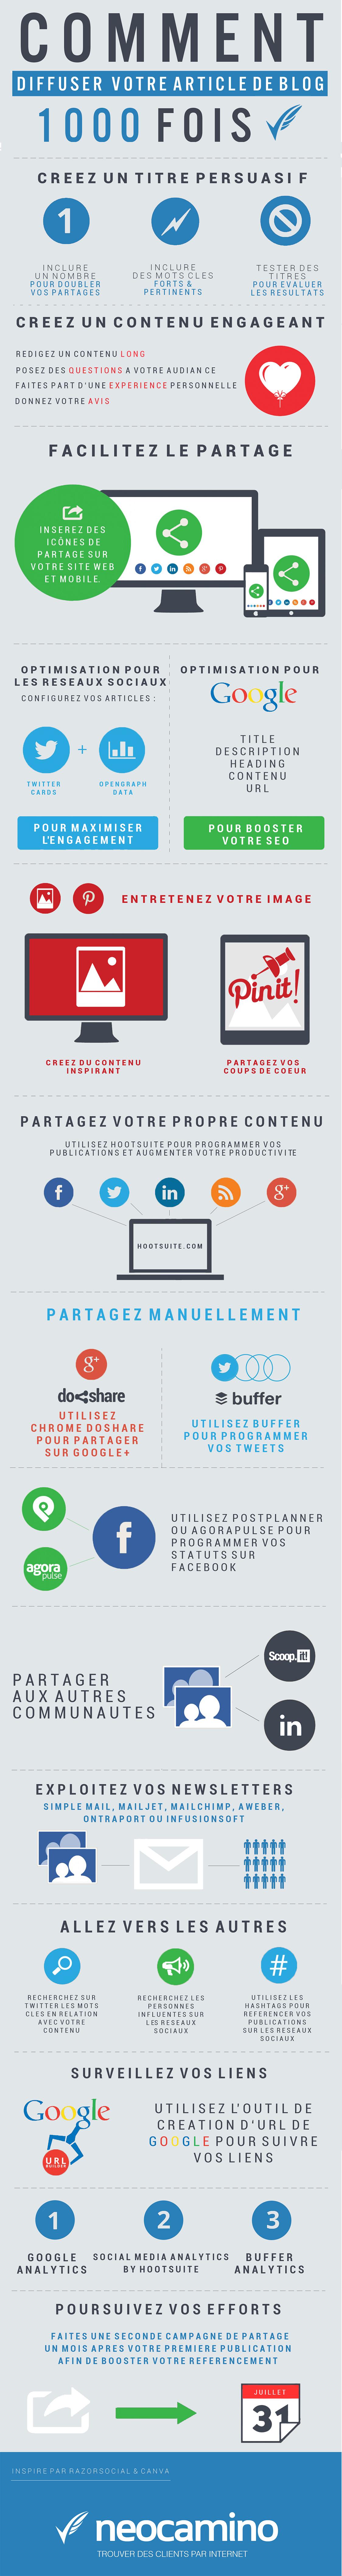 Infographie : comment booster la diffusion de vos articles de blog ? neocamino